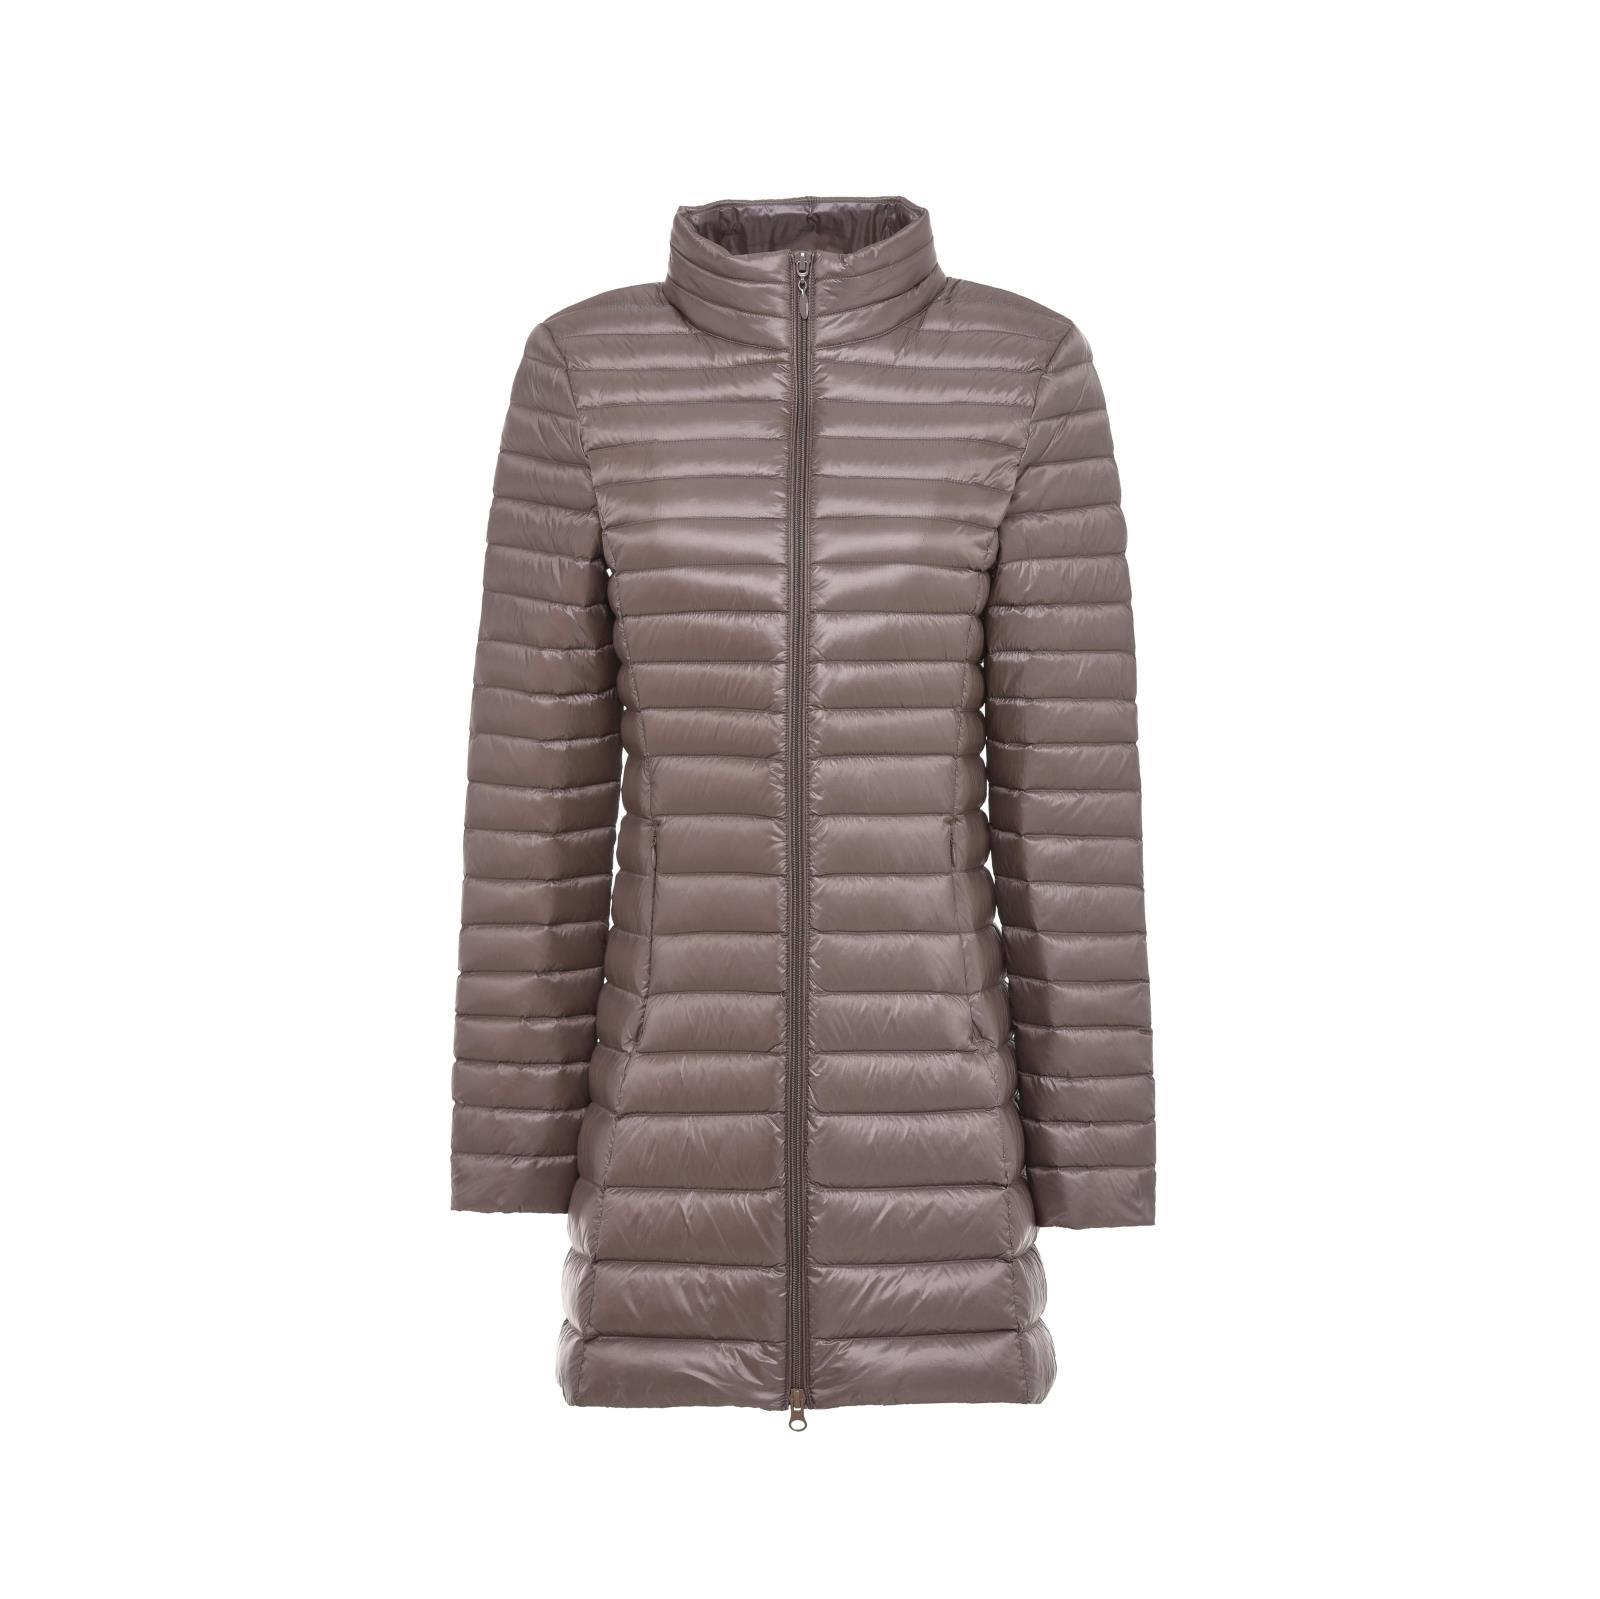 新款特价秋冬装轻薄型羽绒服女中长款修身立领大码胖MM外套妈妈装